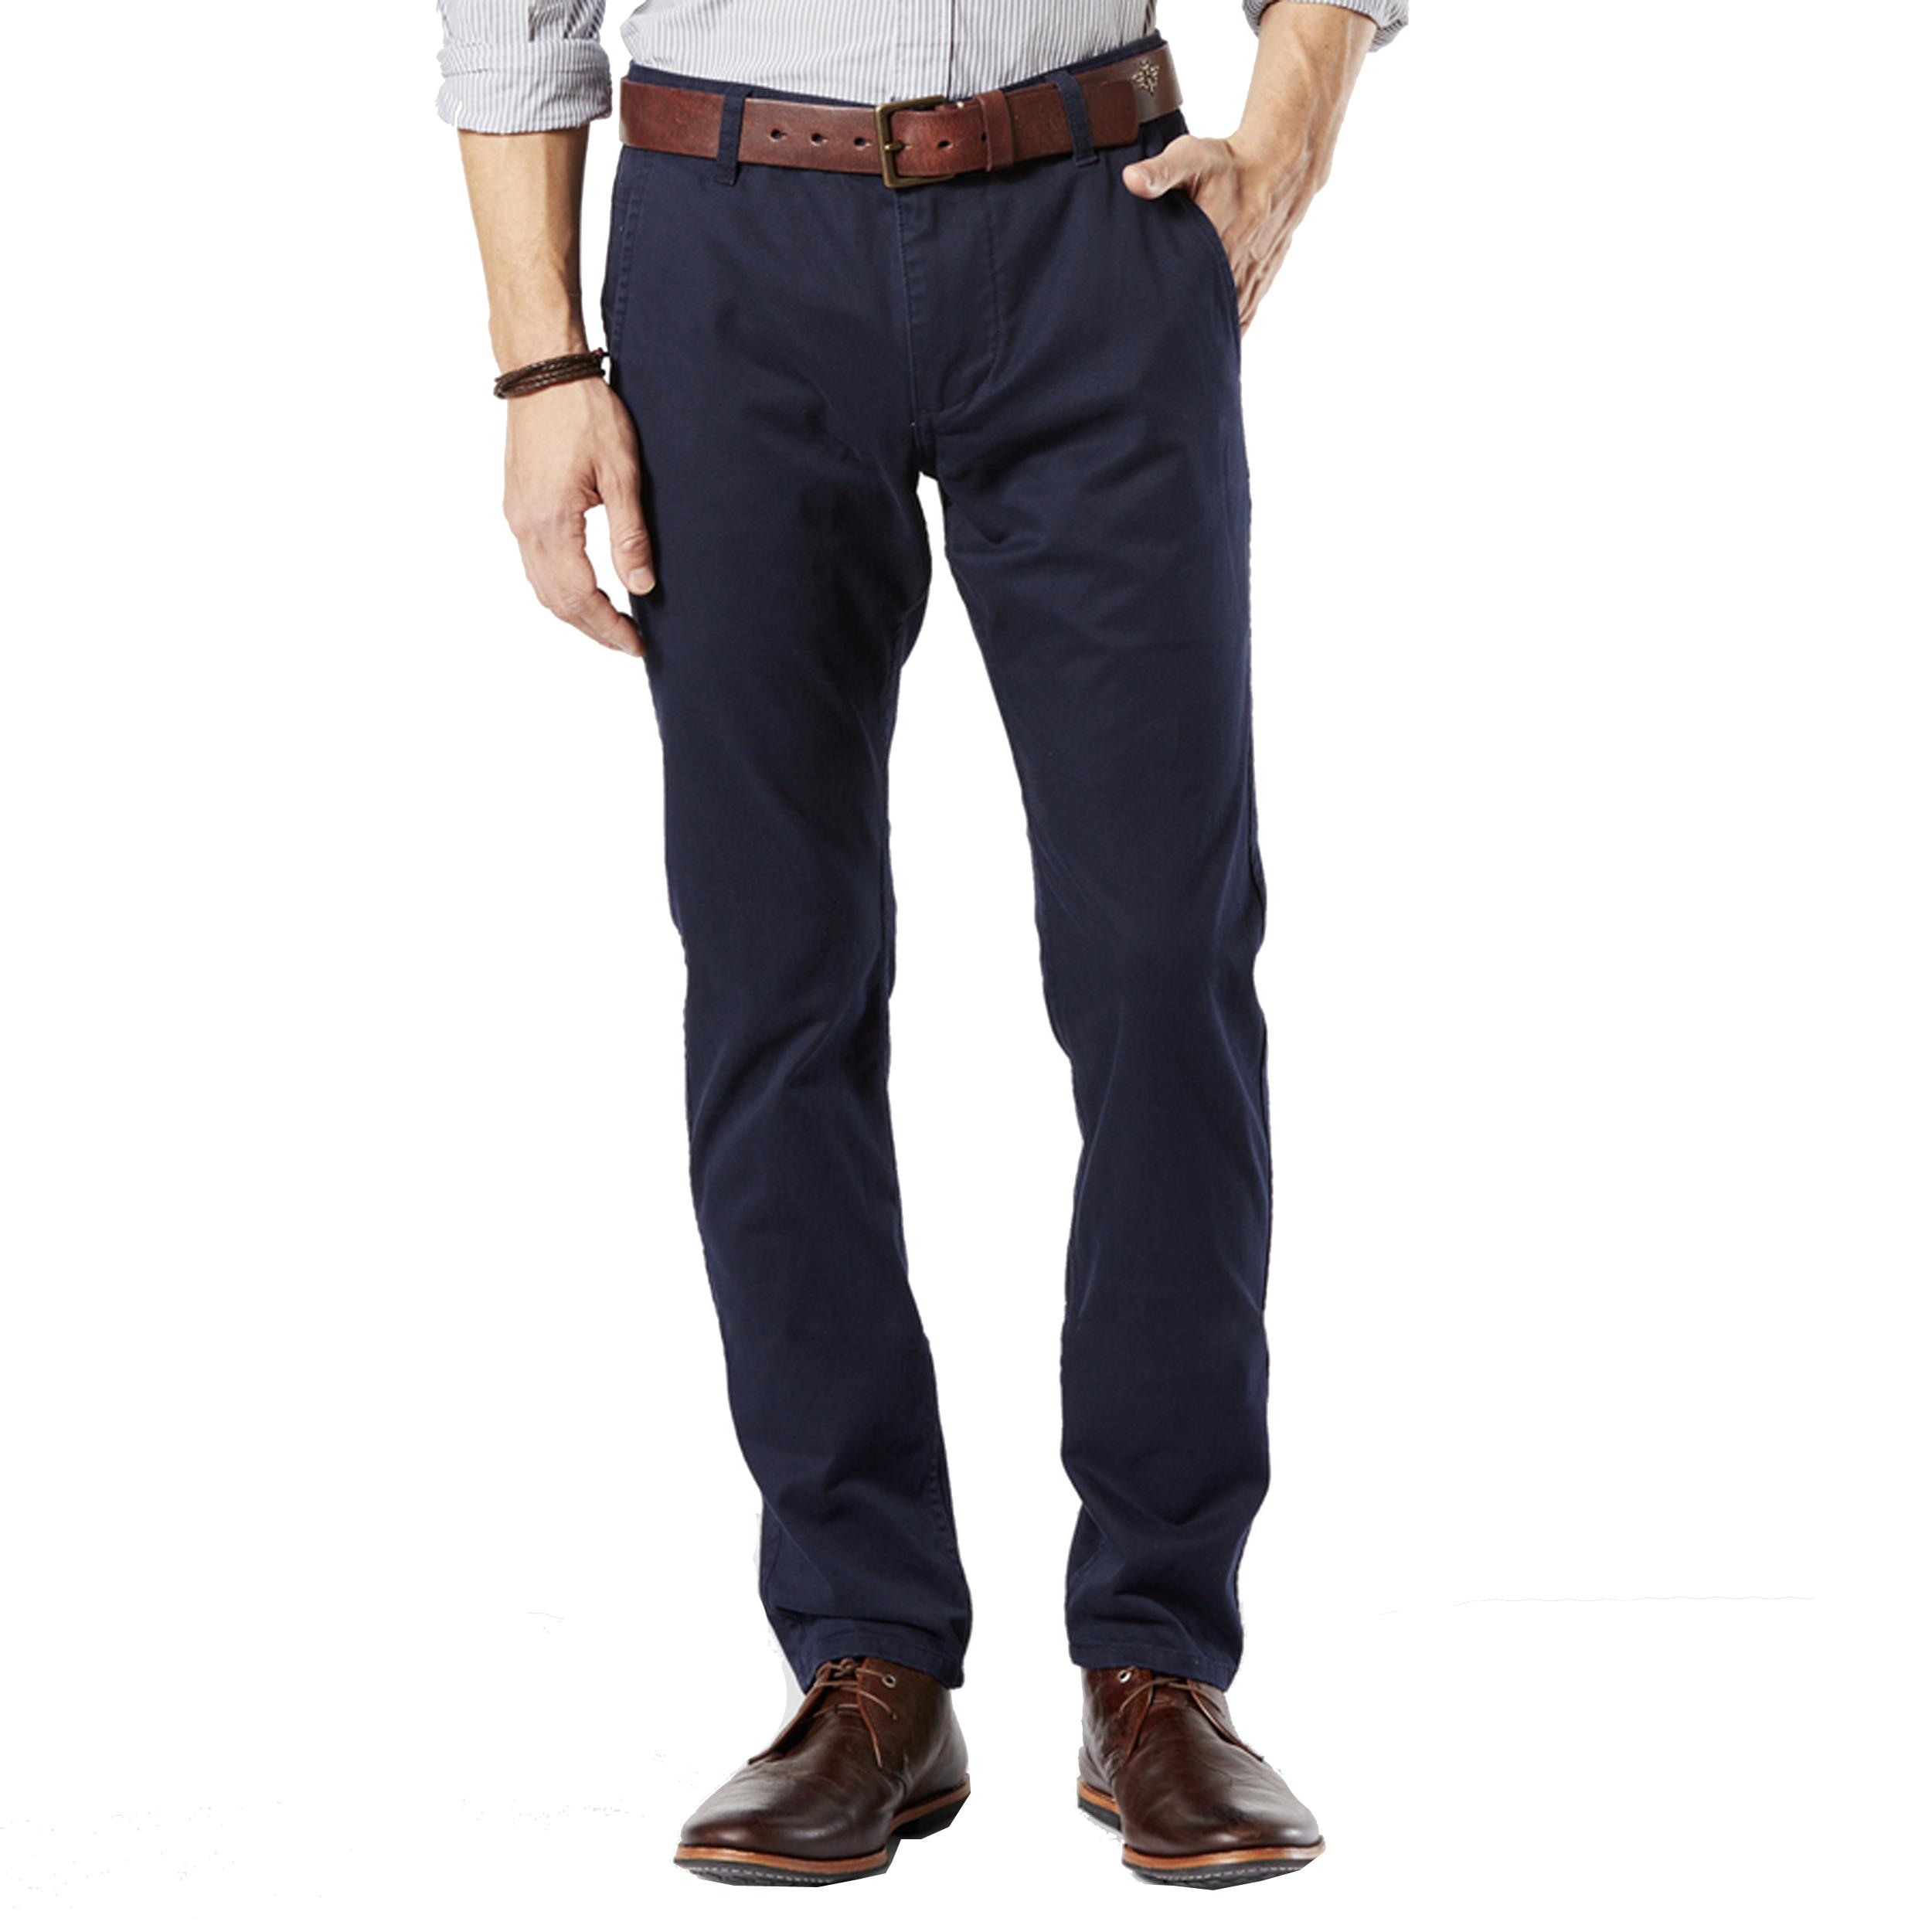 Pantalon alpha stretch khaki original skinny tapered  en sergé de coton bleu marine